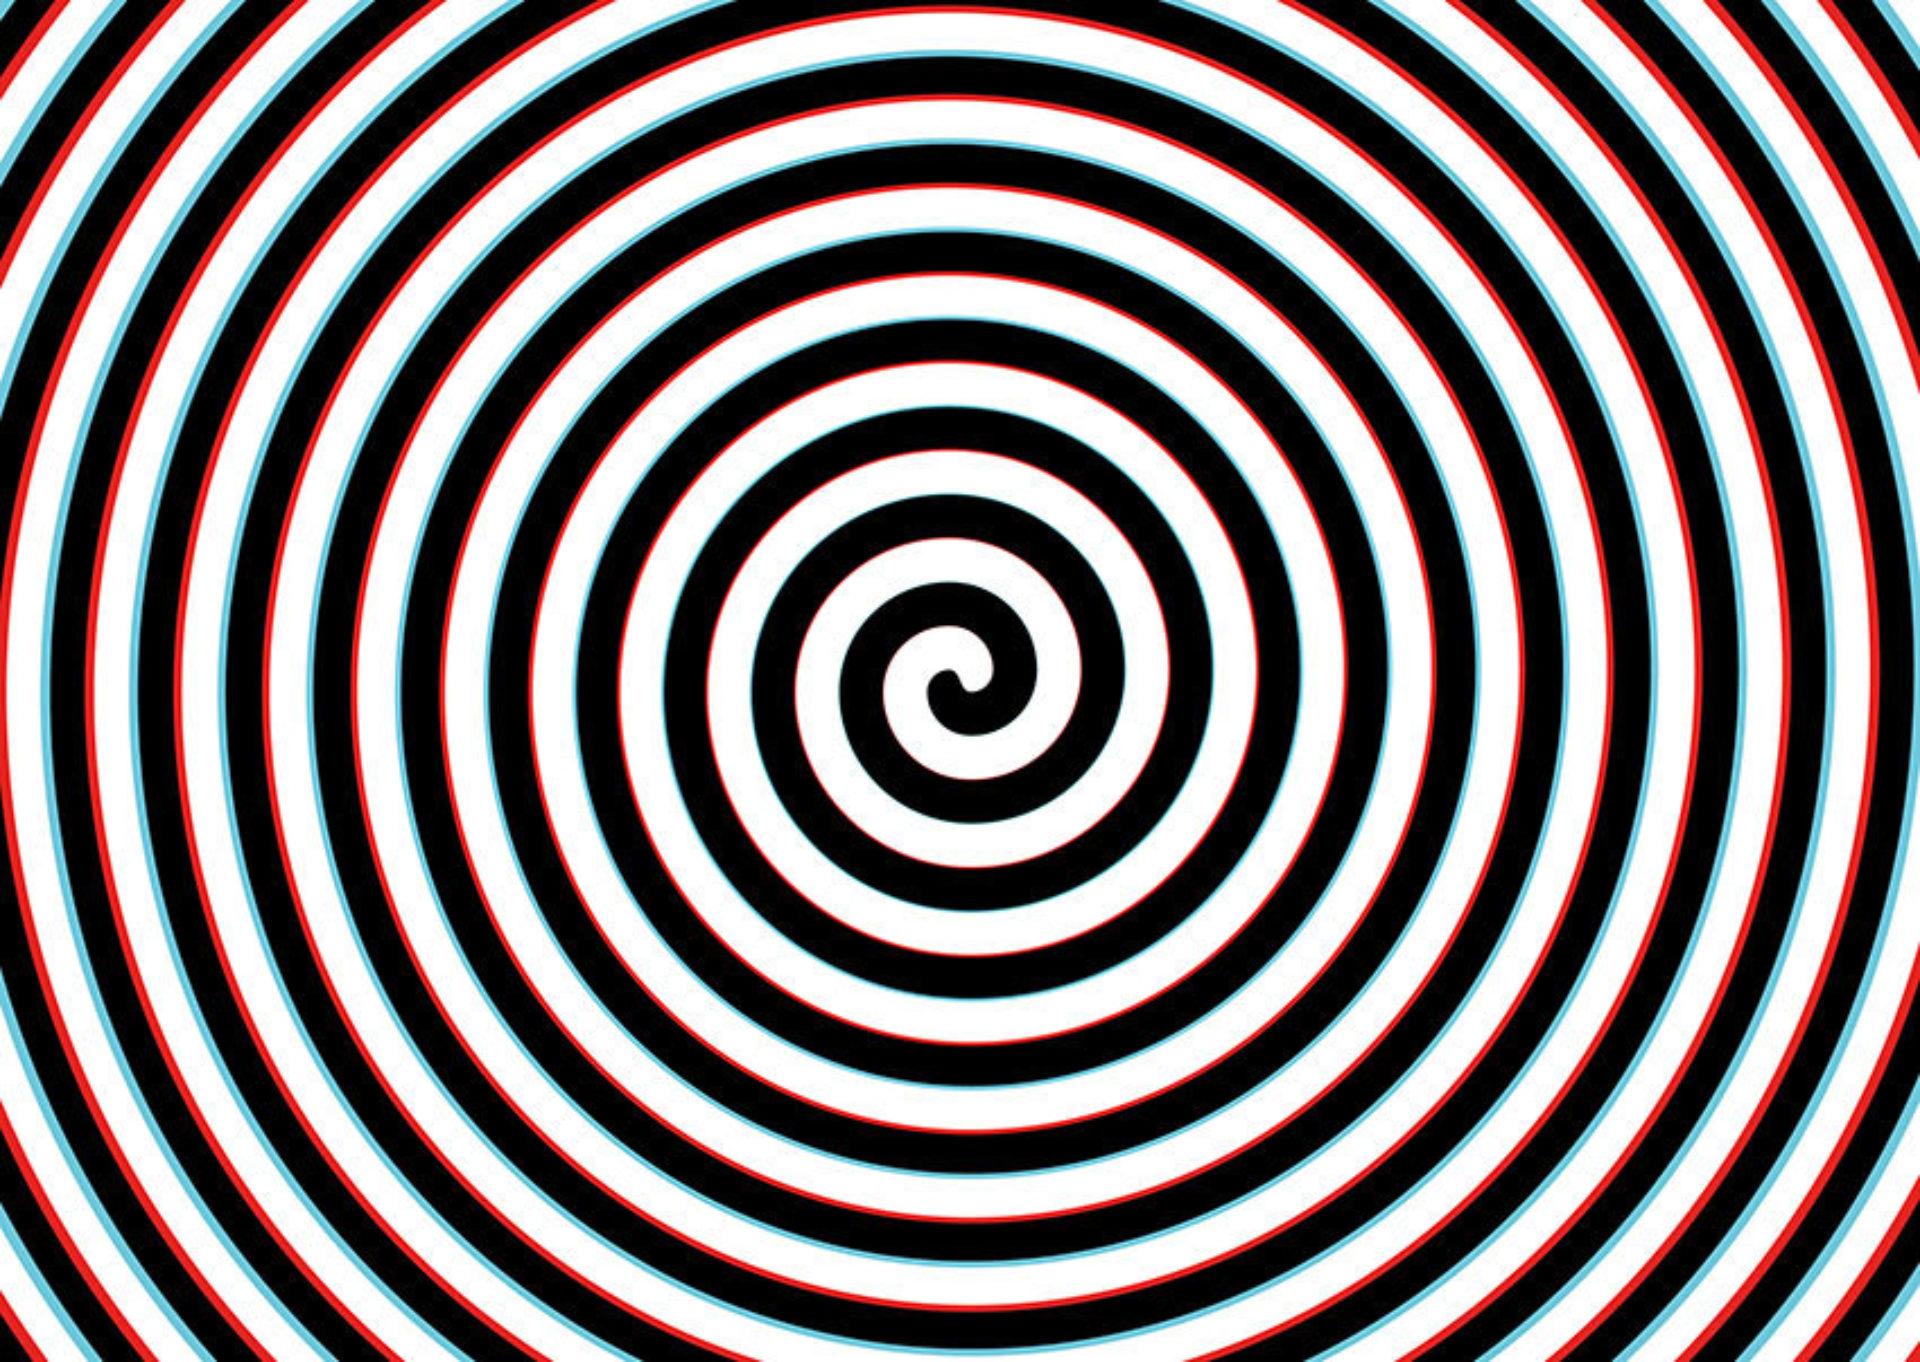 Welkom in de wereld van hypnose